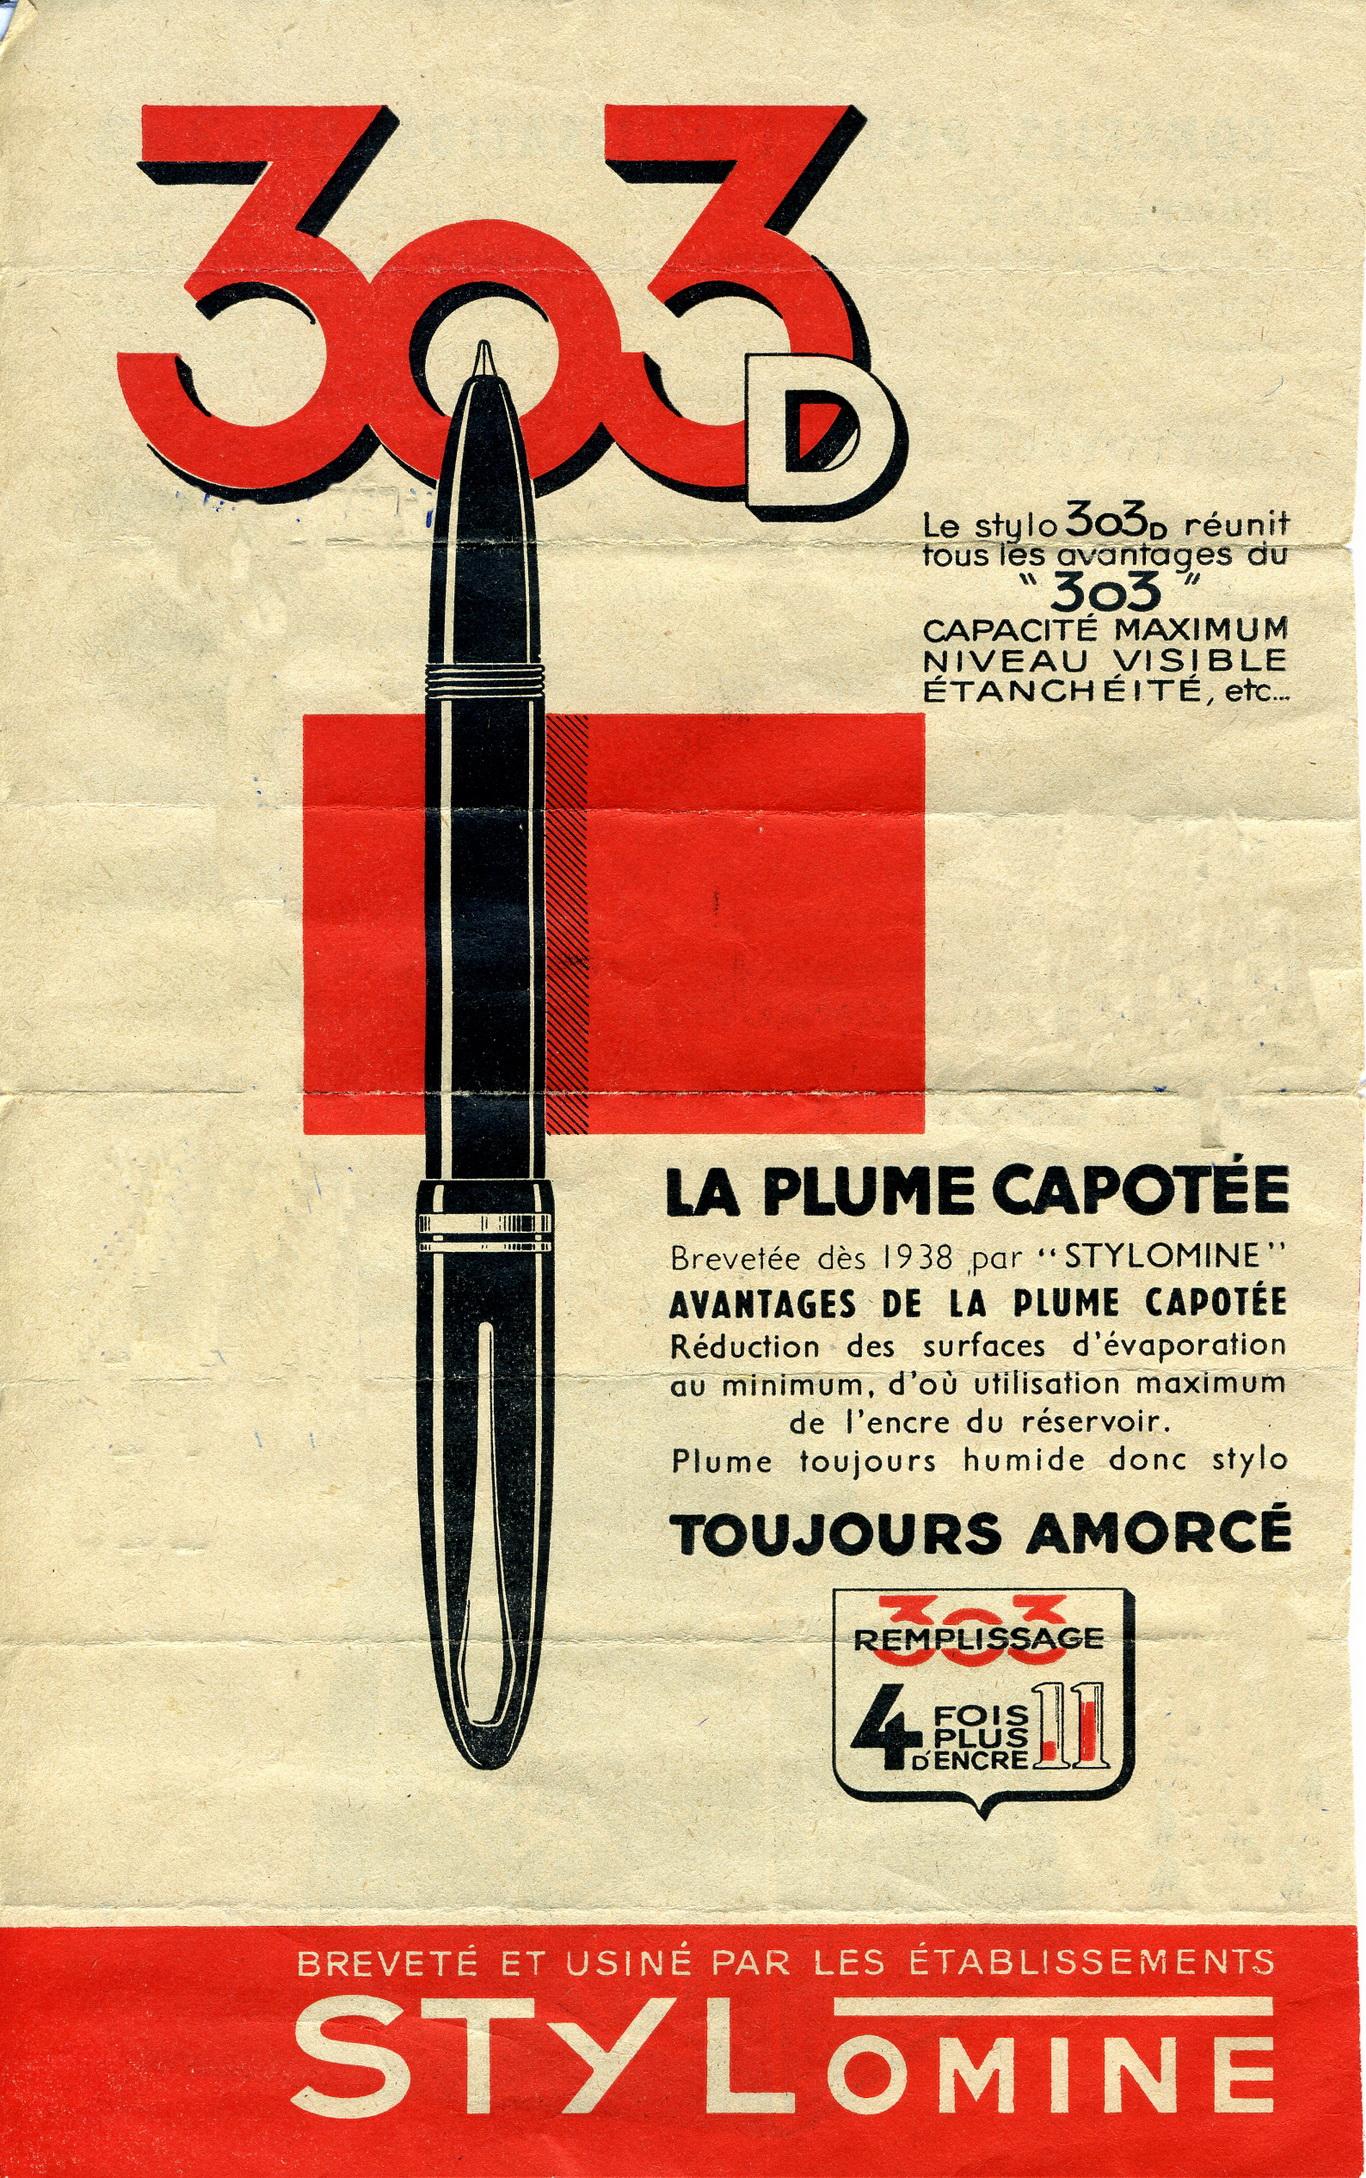 Stylomine 303D 1938 s.jpg